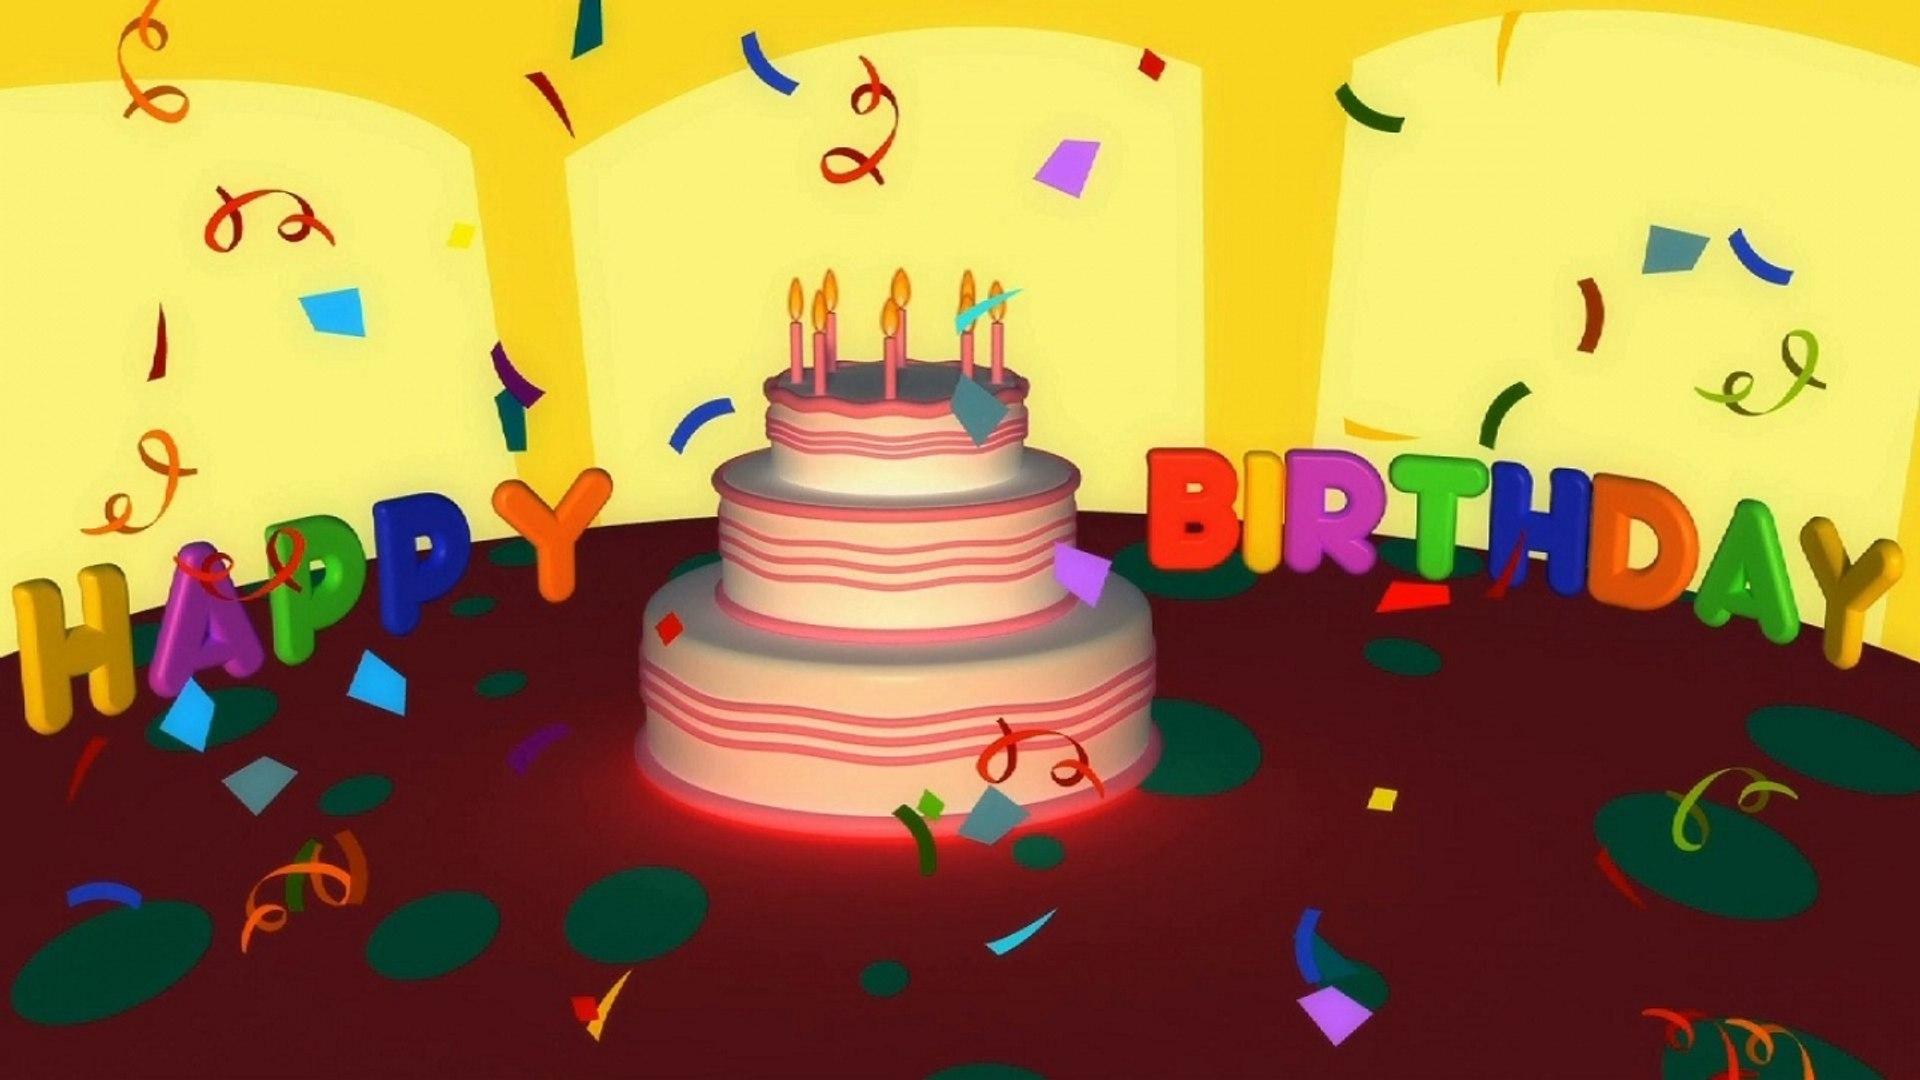 Happy Birthday To You Wishes - Whatsapp Status Video - Happy Birthday  Wishes To Your Love